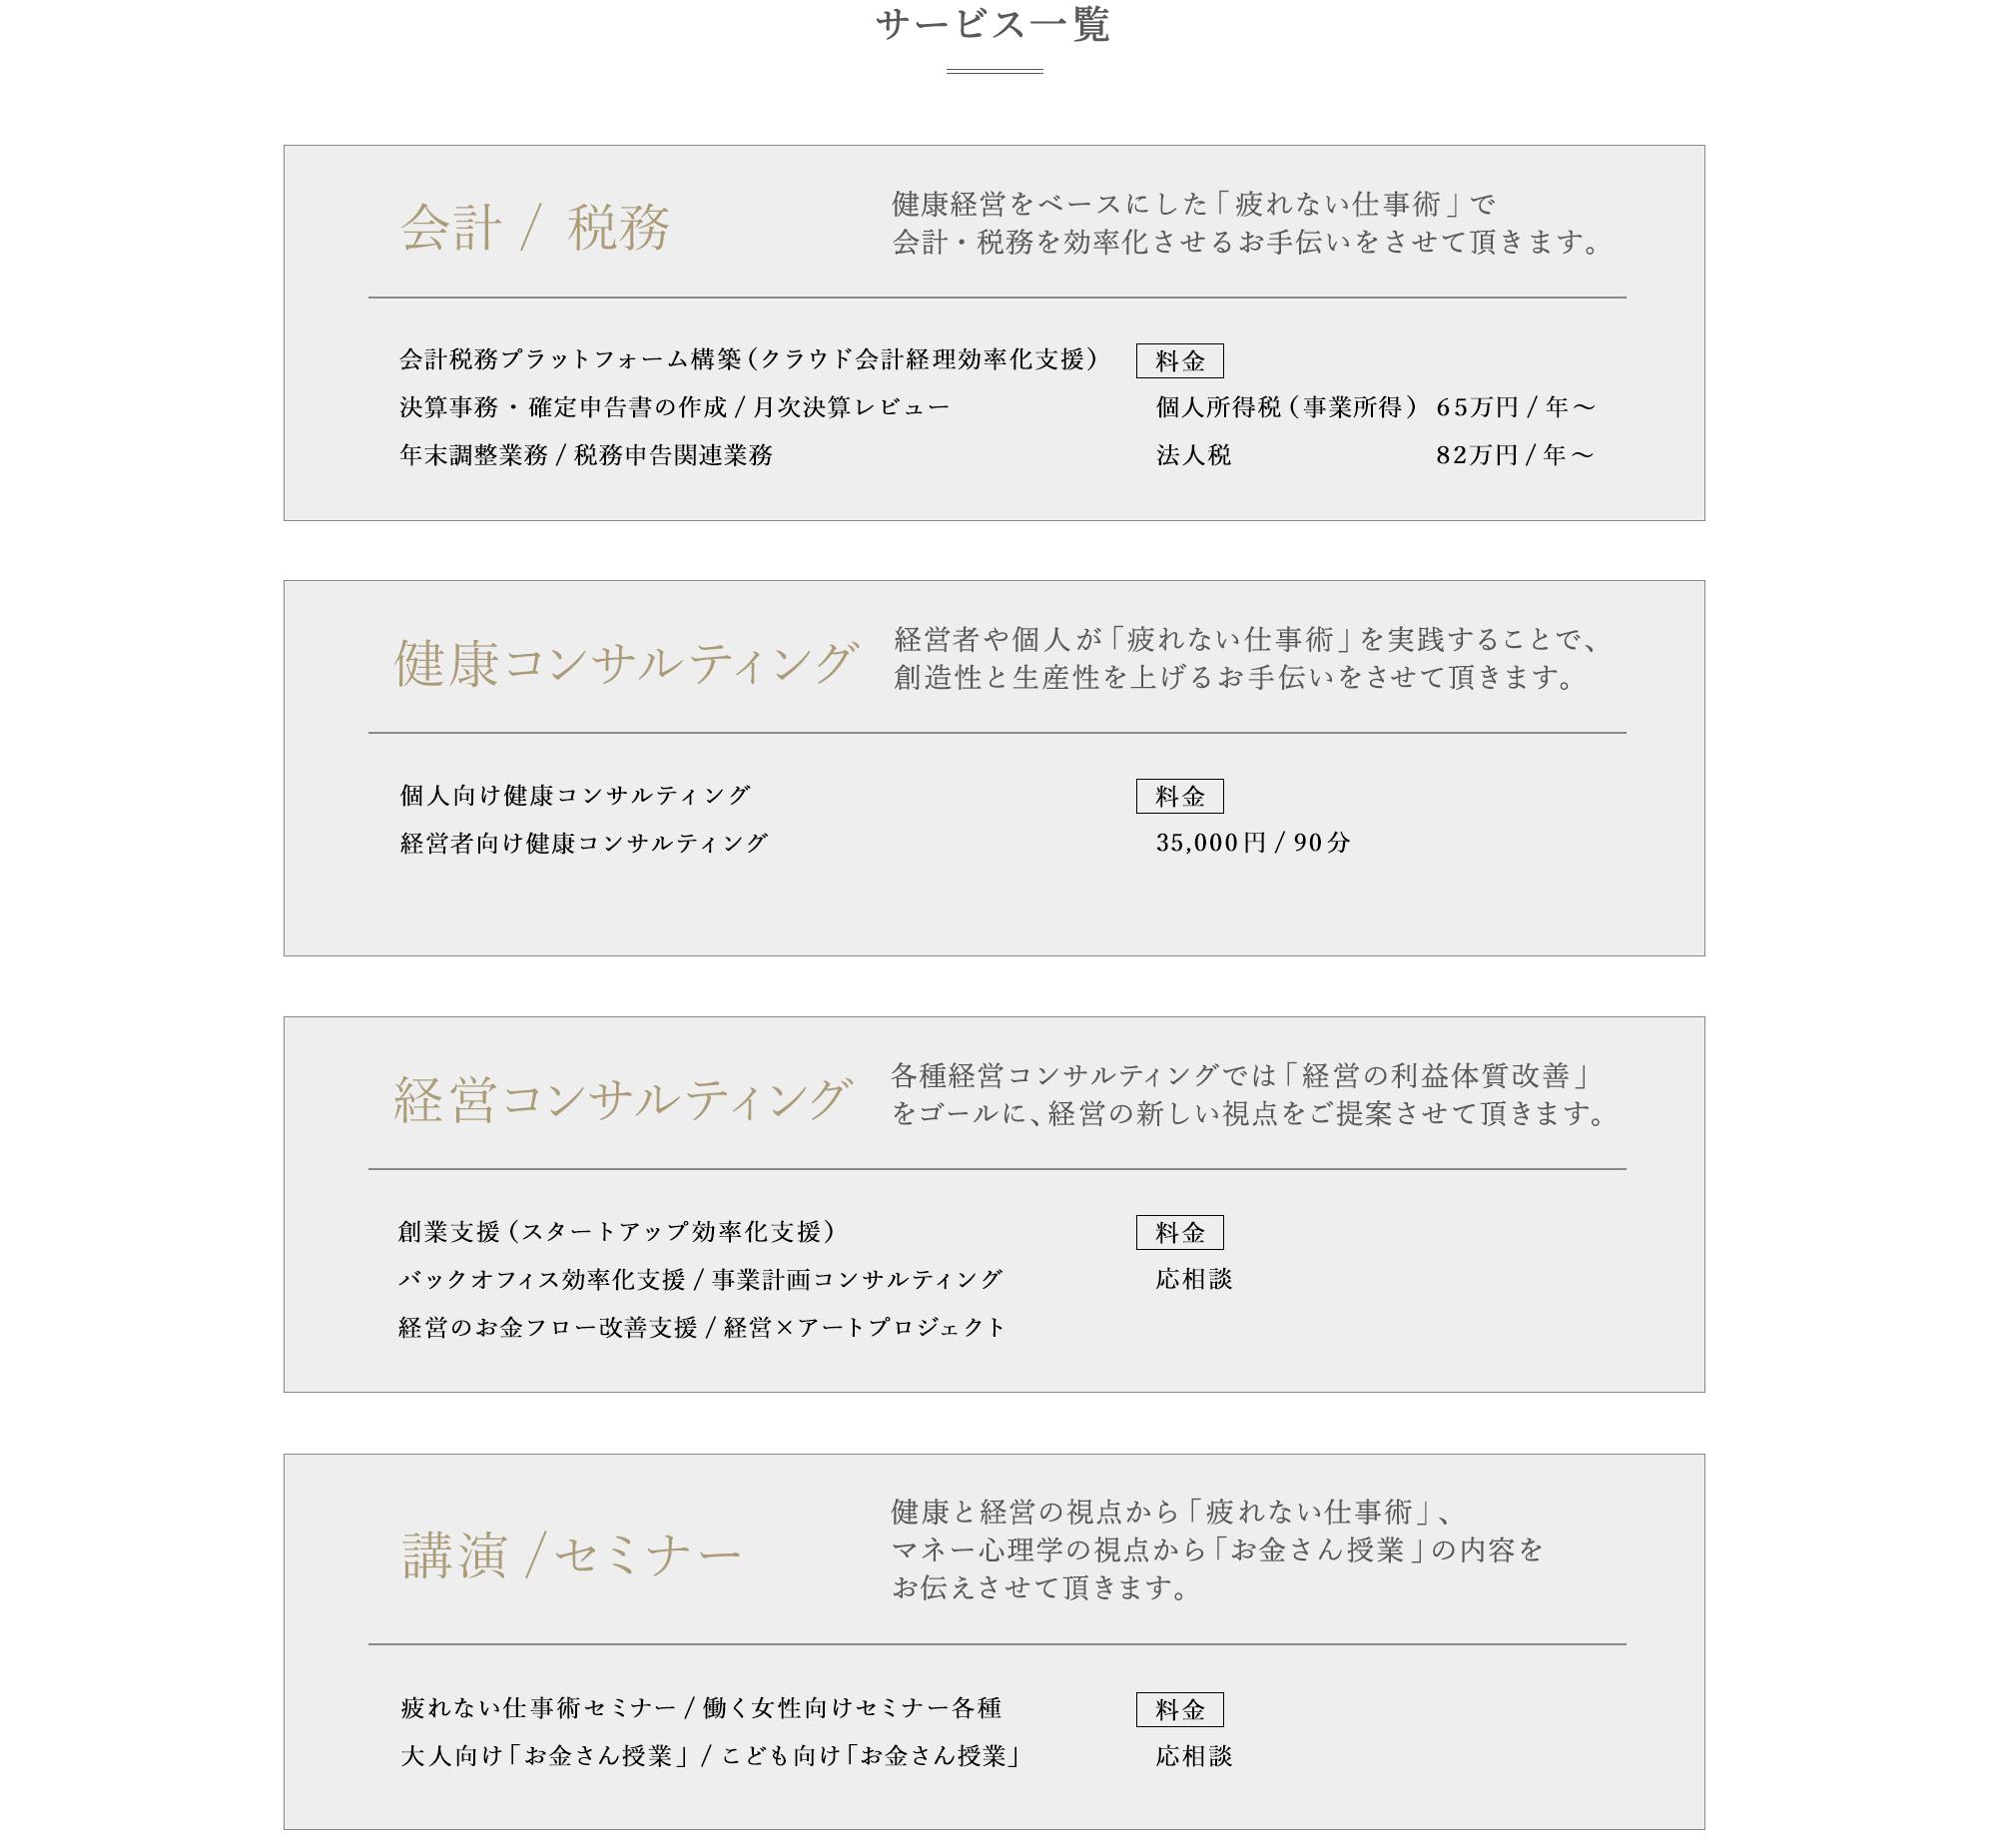 サービス一覧表